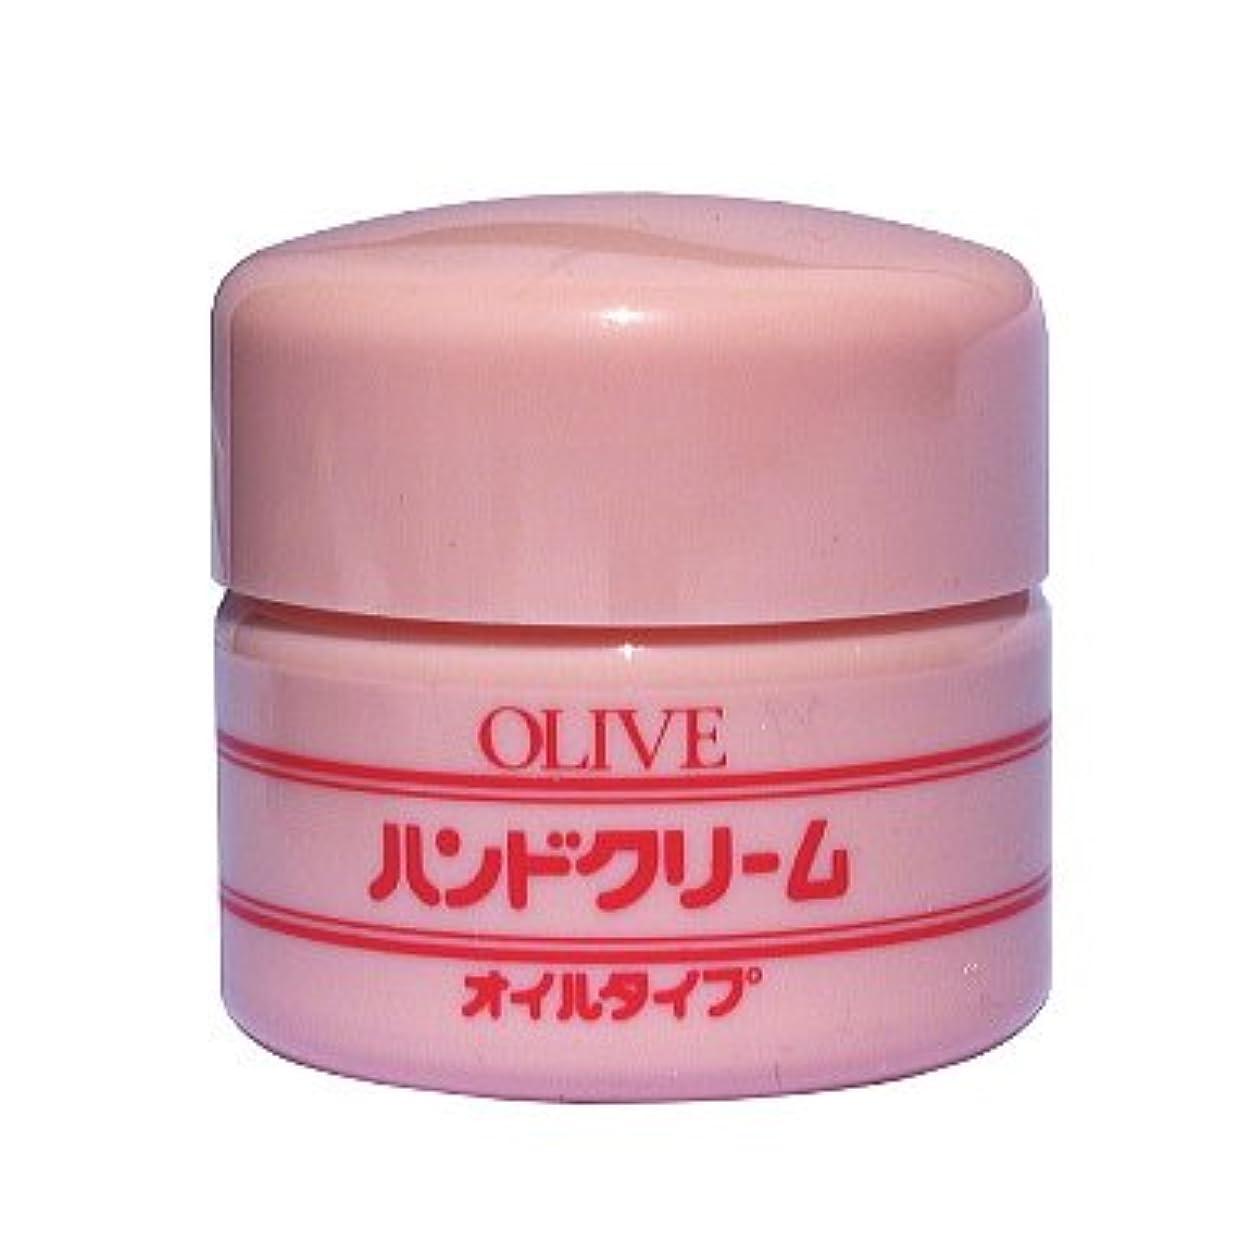 鈴虫化粧品 オリーブハンドクリーム(オイルタイプ/容器タイプ)53g